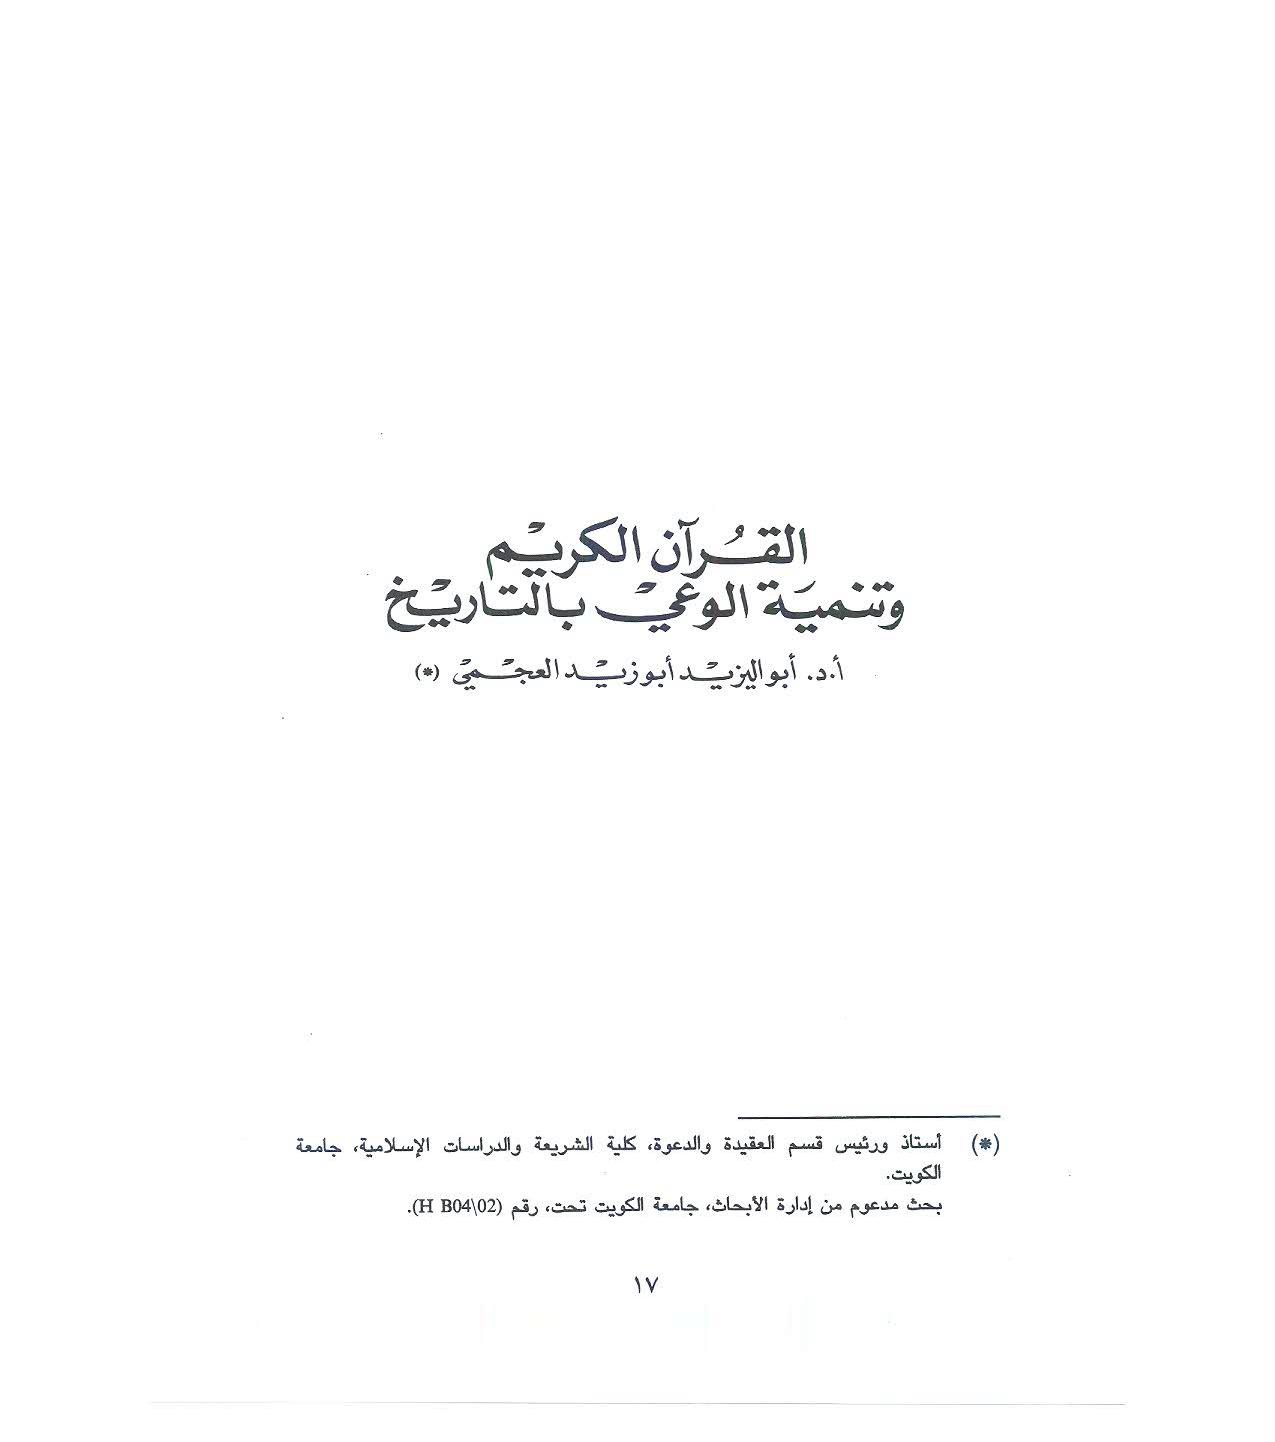 تحميل كتاب القرآن الكريم وتنمية الوعي بالتاريخ لـِ: الدكتور أبو اليزيد أبو زيد العجمي